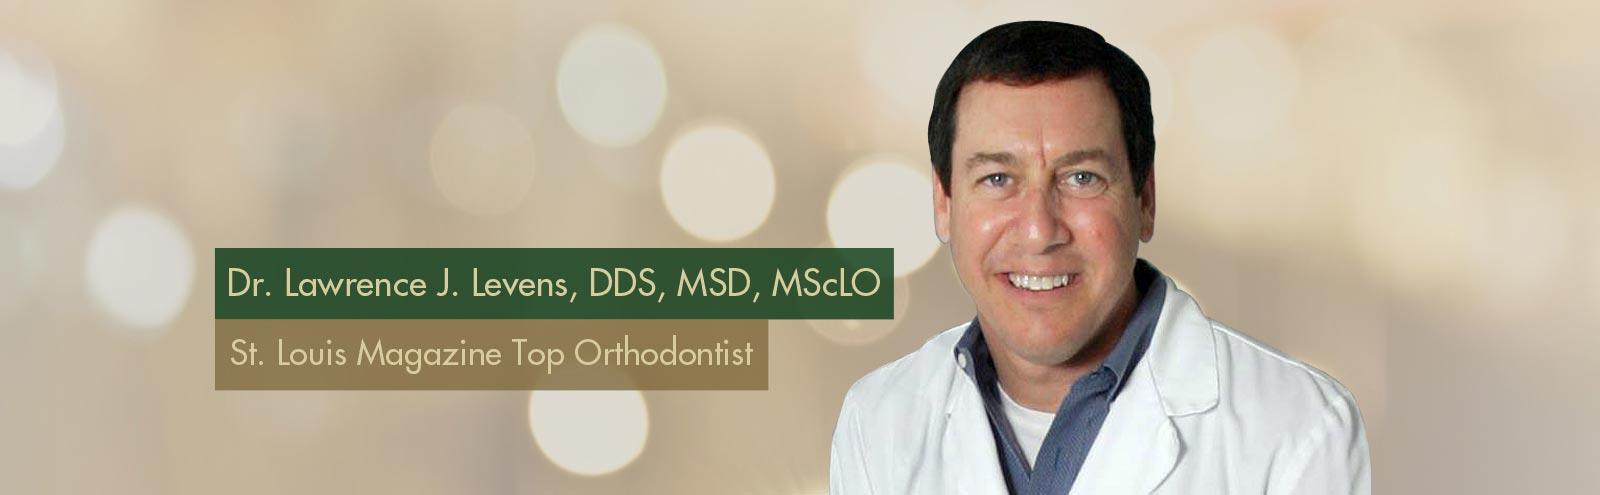 Dr. Lawrence J. Levens, DDS